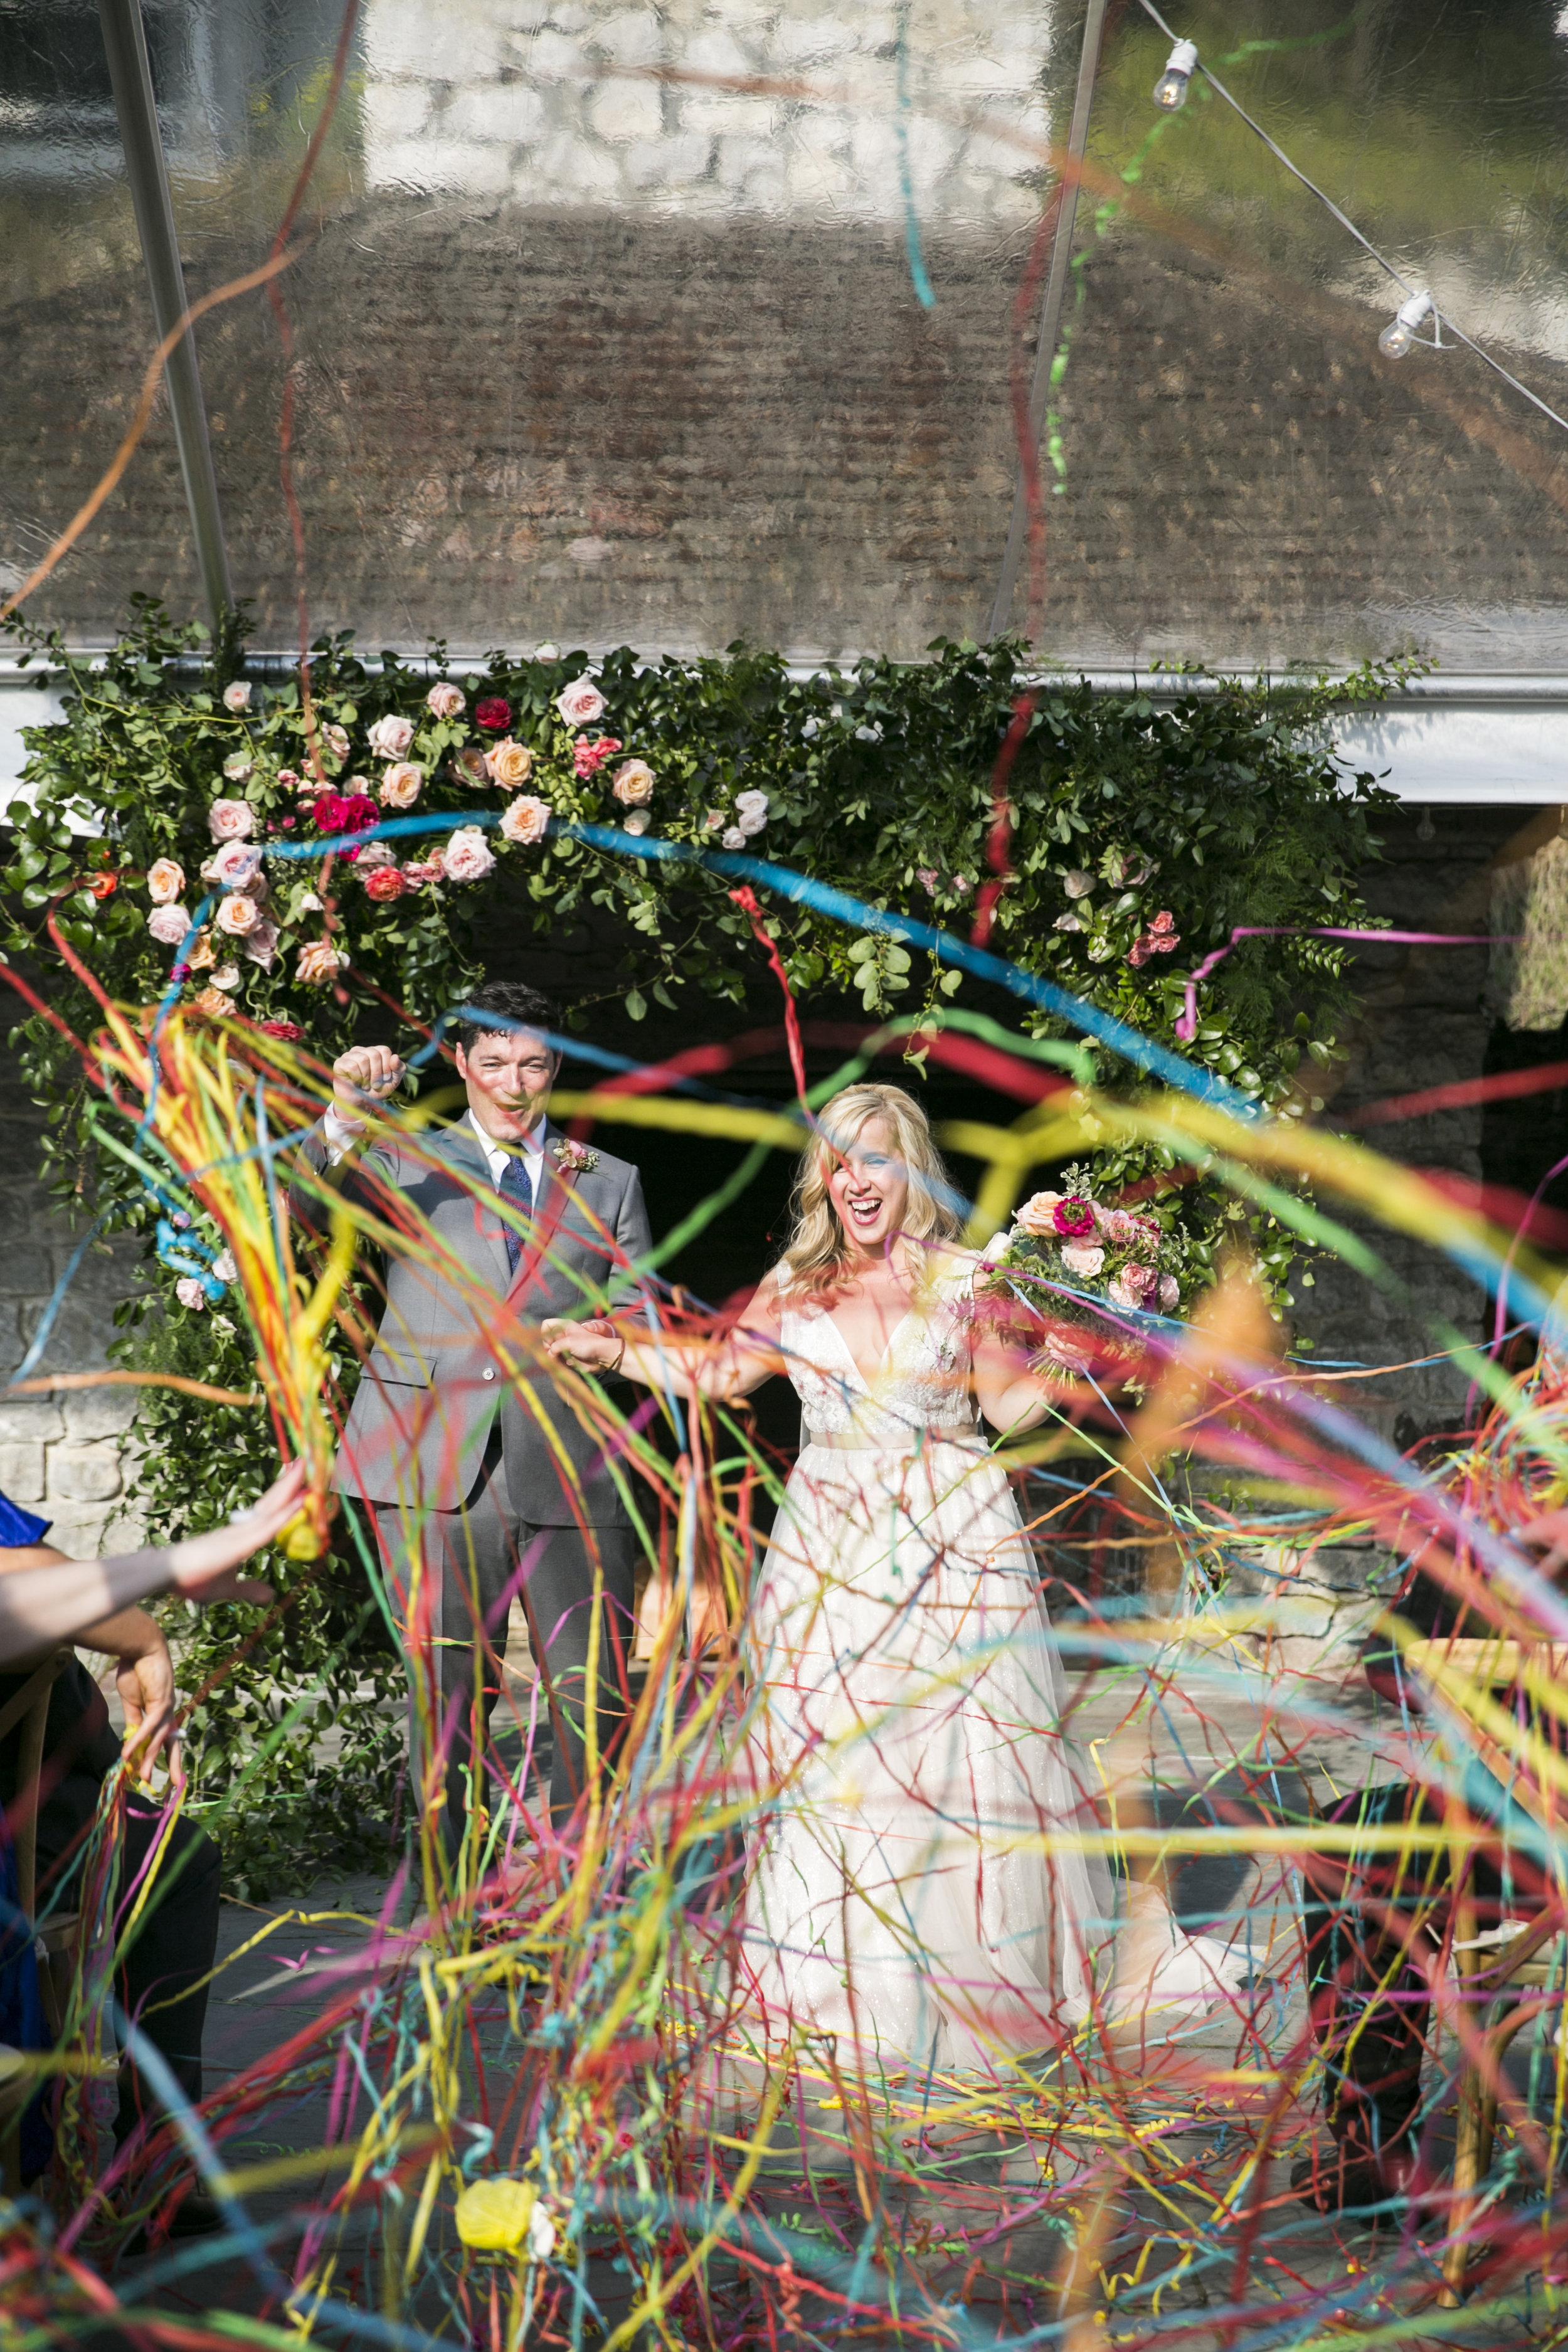 Roche-Harbor-Hull-Varnes-Wedding-0129Katie-Parra.JPG